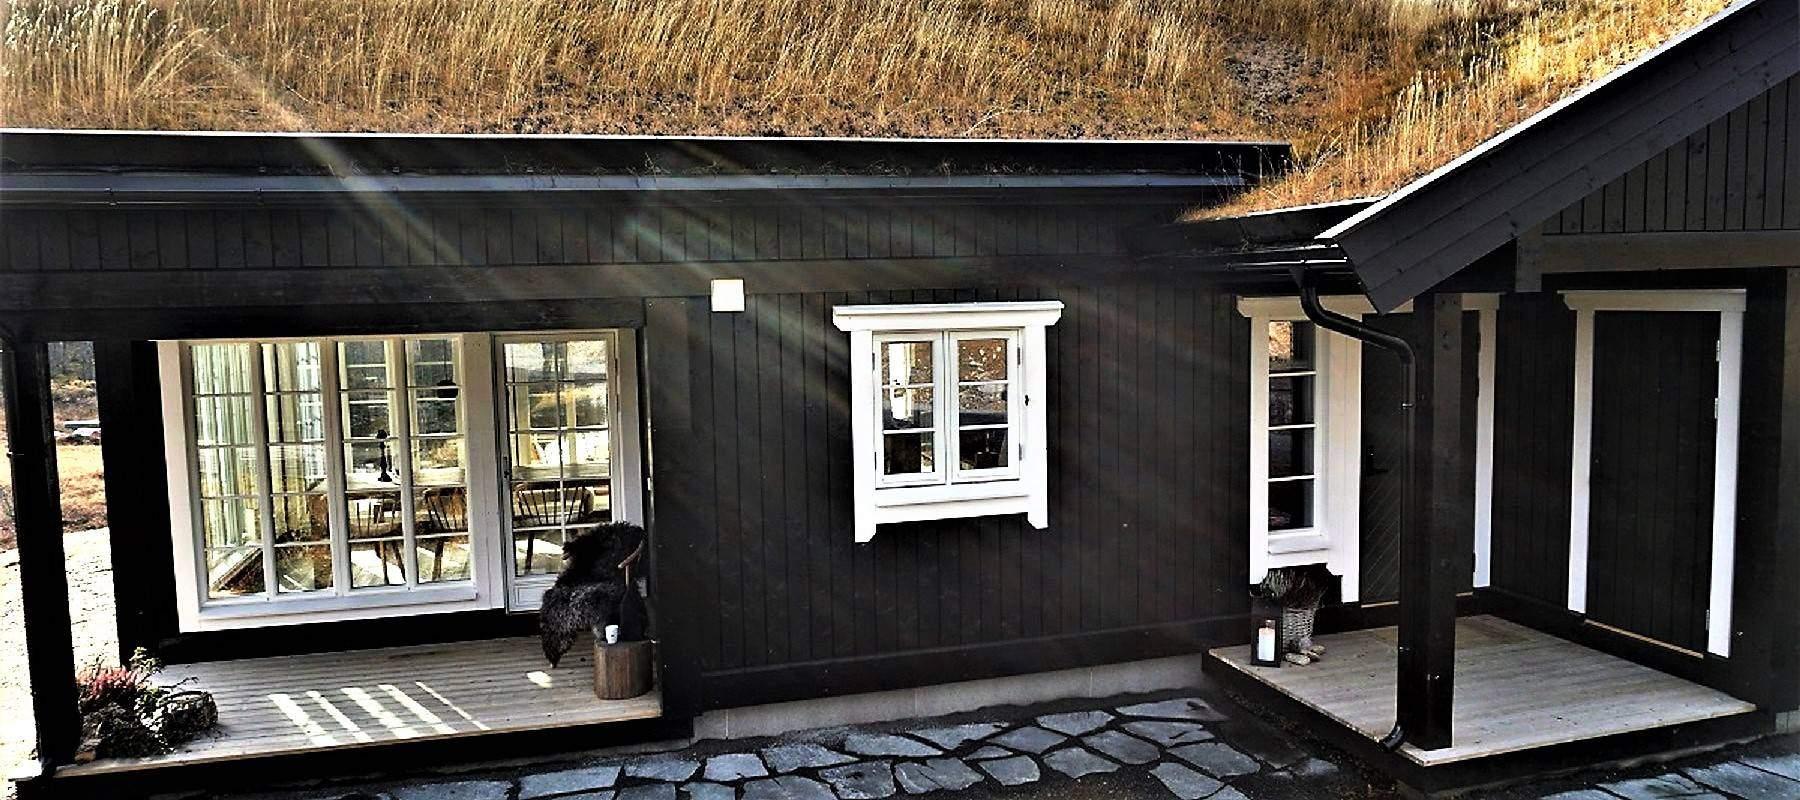 86 Hytte Bagn Stryn 97 186-166